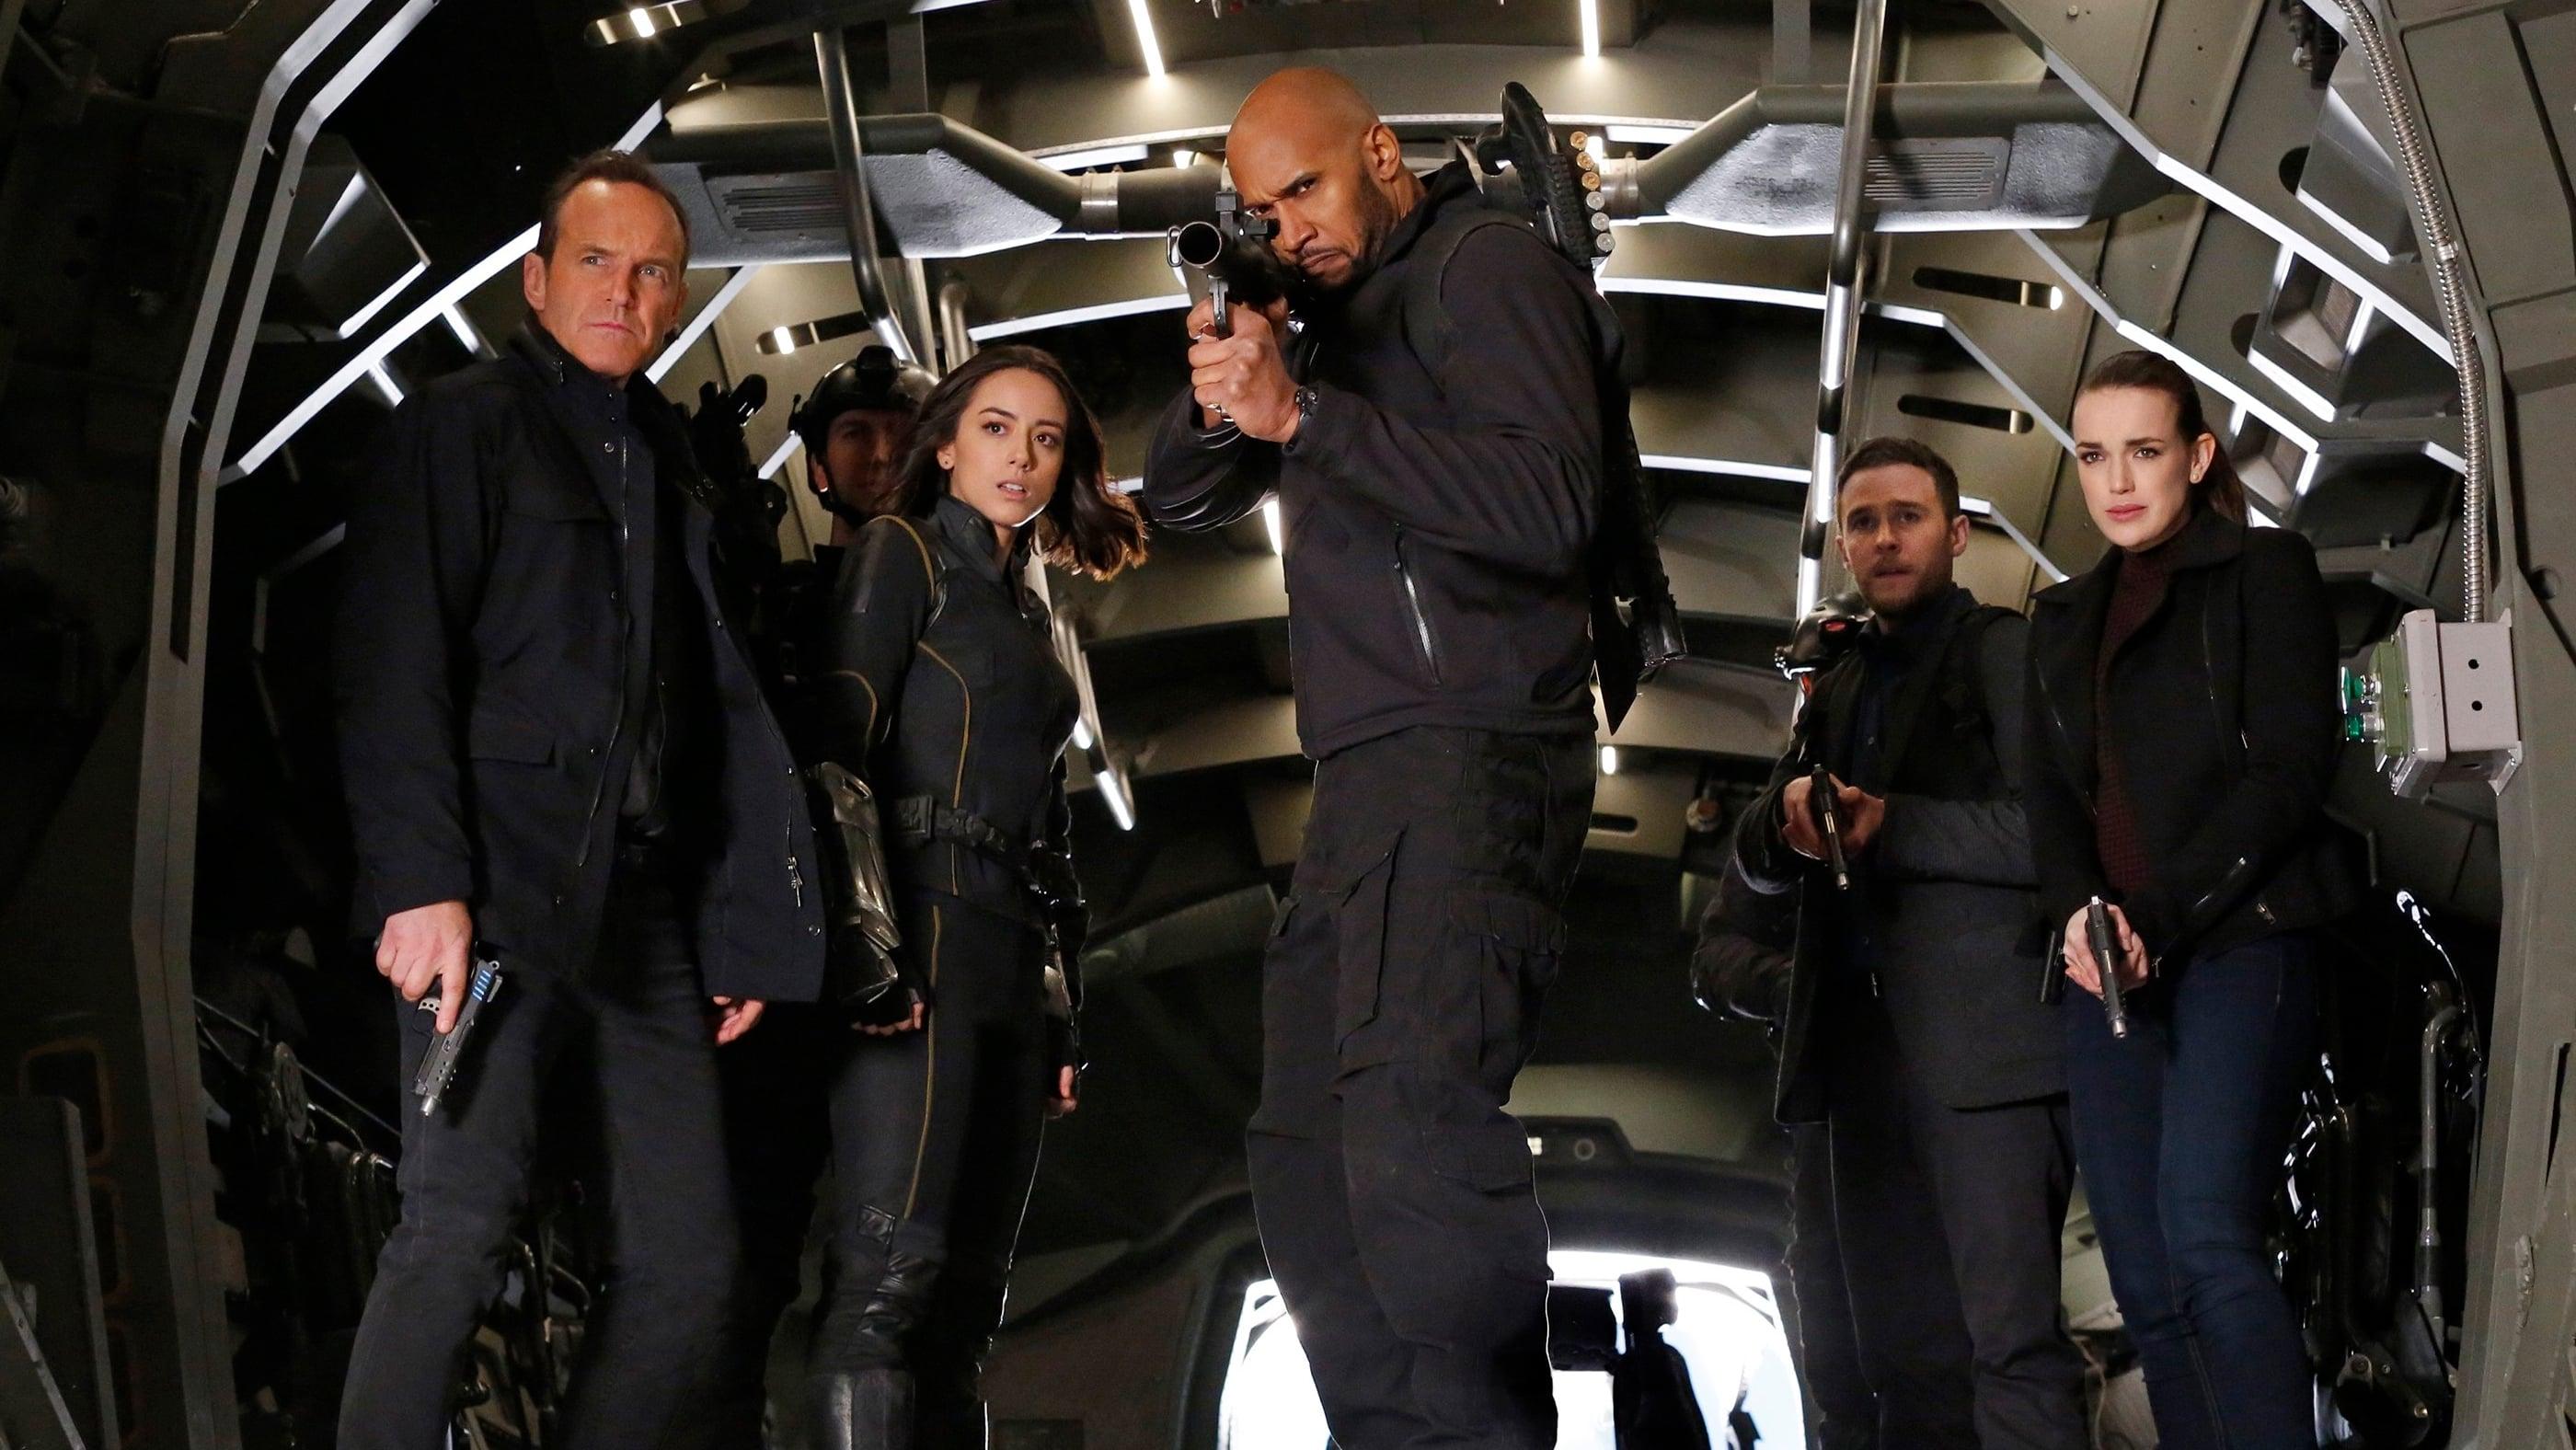 agents of shield season 4 episode 14 watch online free